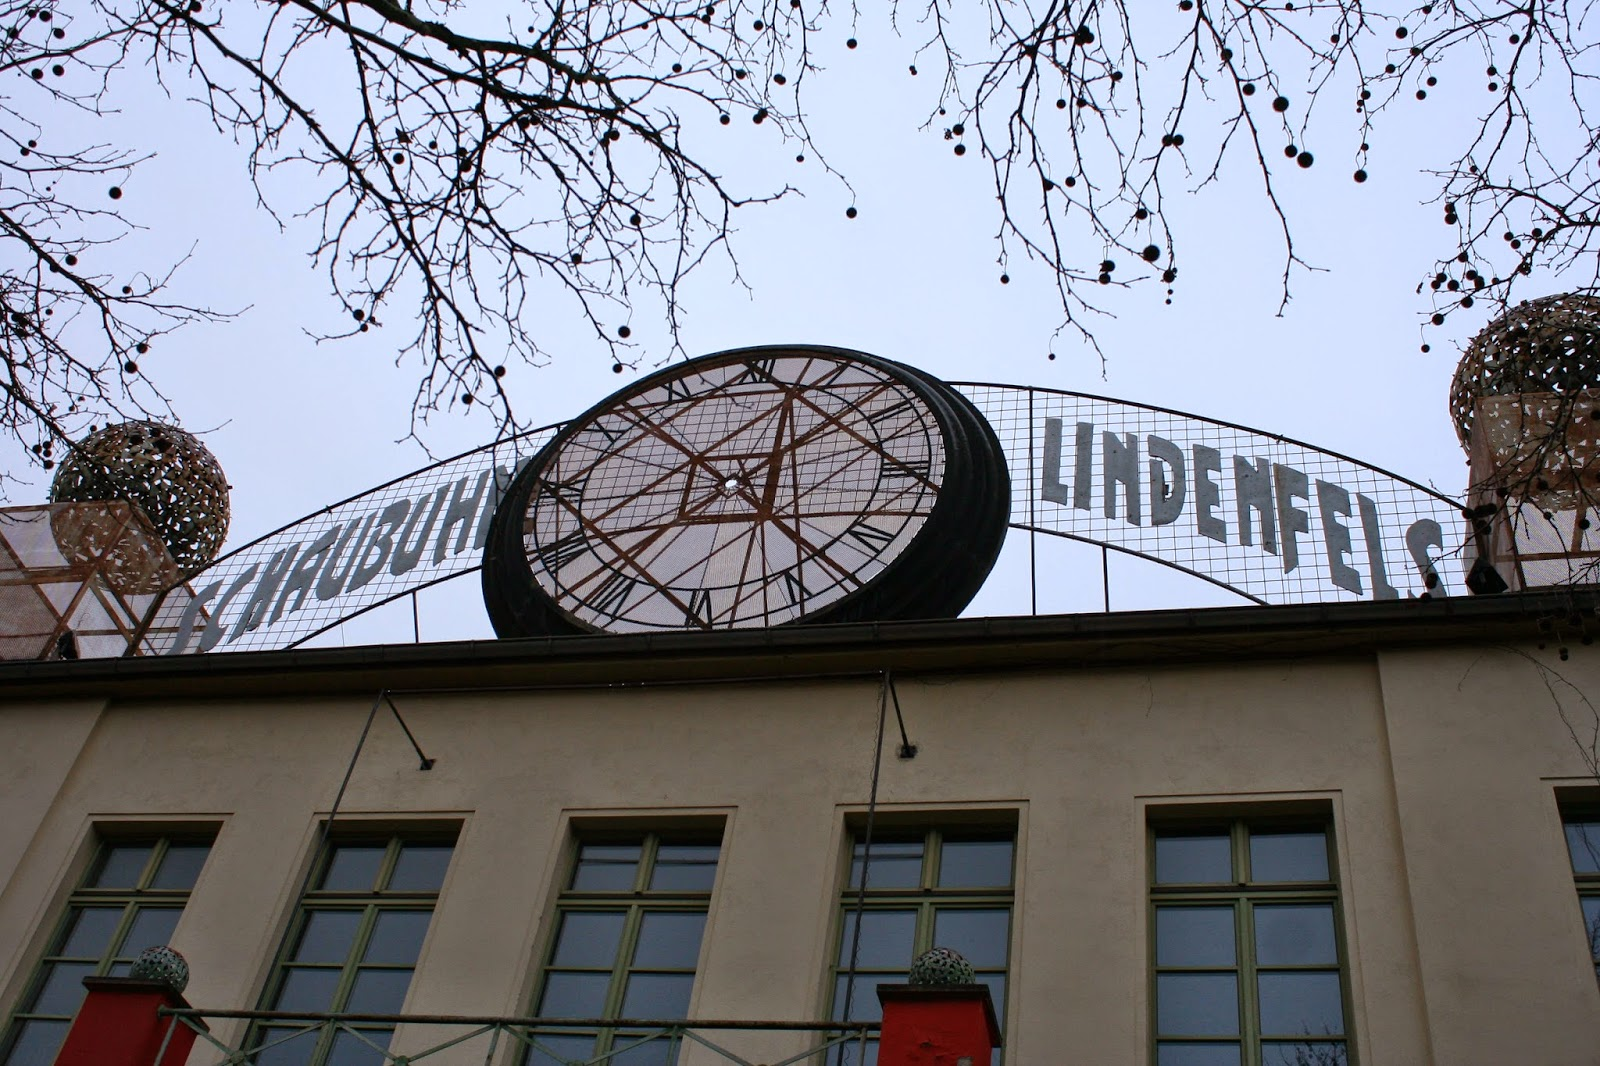 """Hier die Aufschrift """"Schaubühne Lindenfels"""" auf dem Gebäude - nach vielen Umbennungen wie ab 1904 in """"Schloss Lindenfels"""" sowie später """"Lichtspieltheater Lindenfels"""" erhielt das Haus seinen jetzigen Namen"""